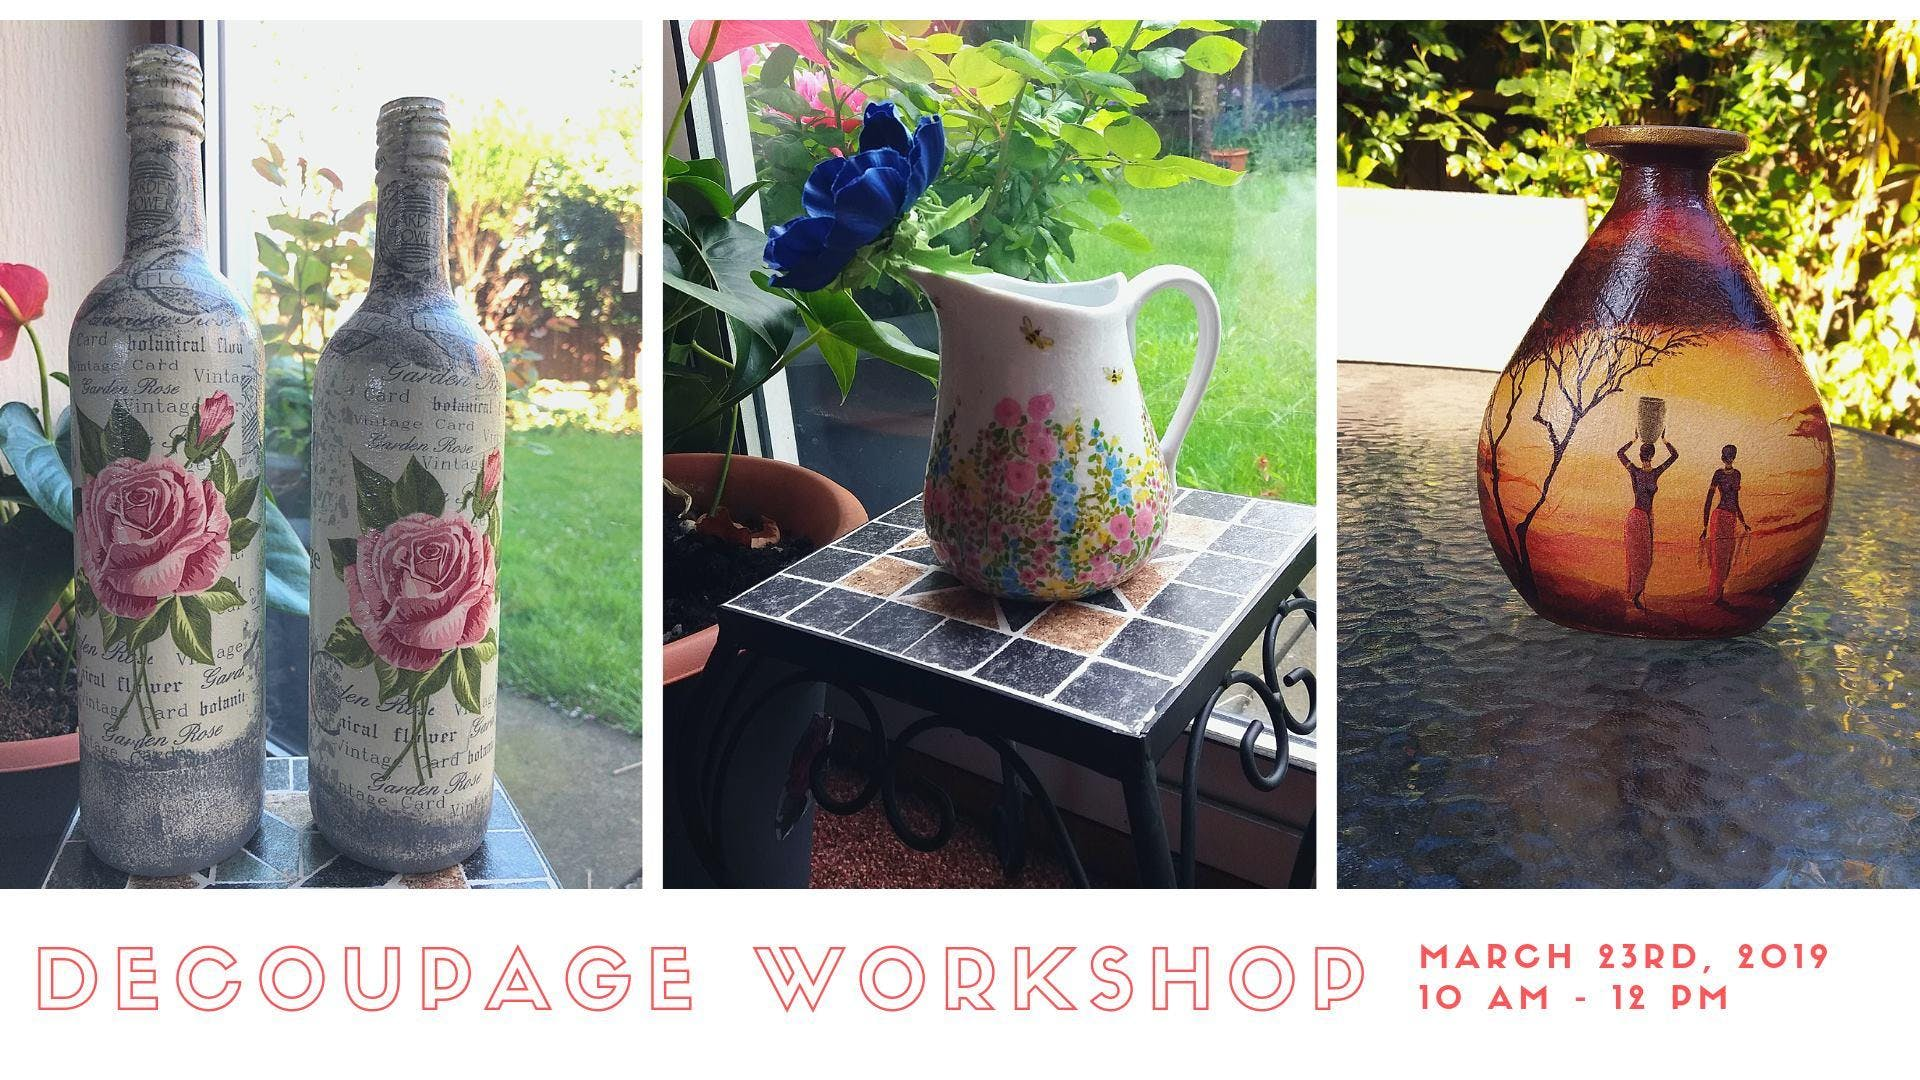 Decoupage workshop with Krafateria